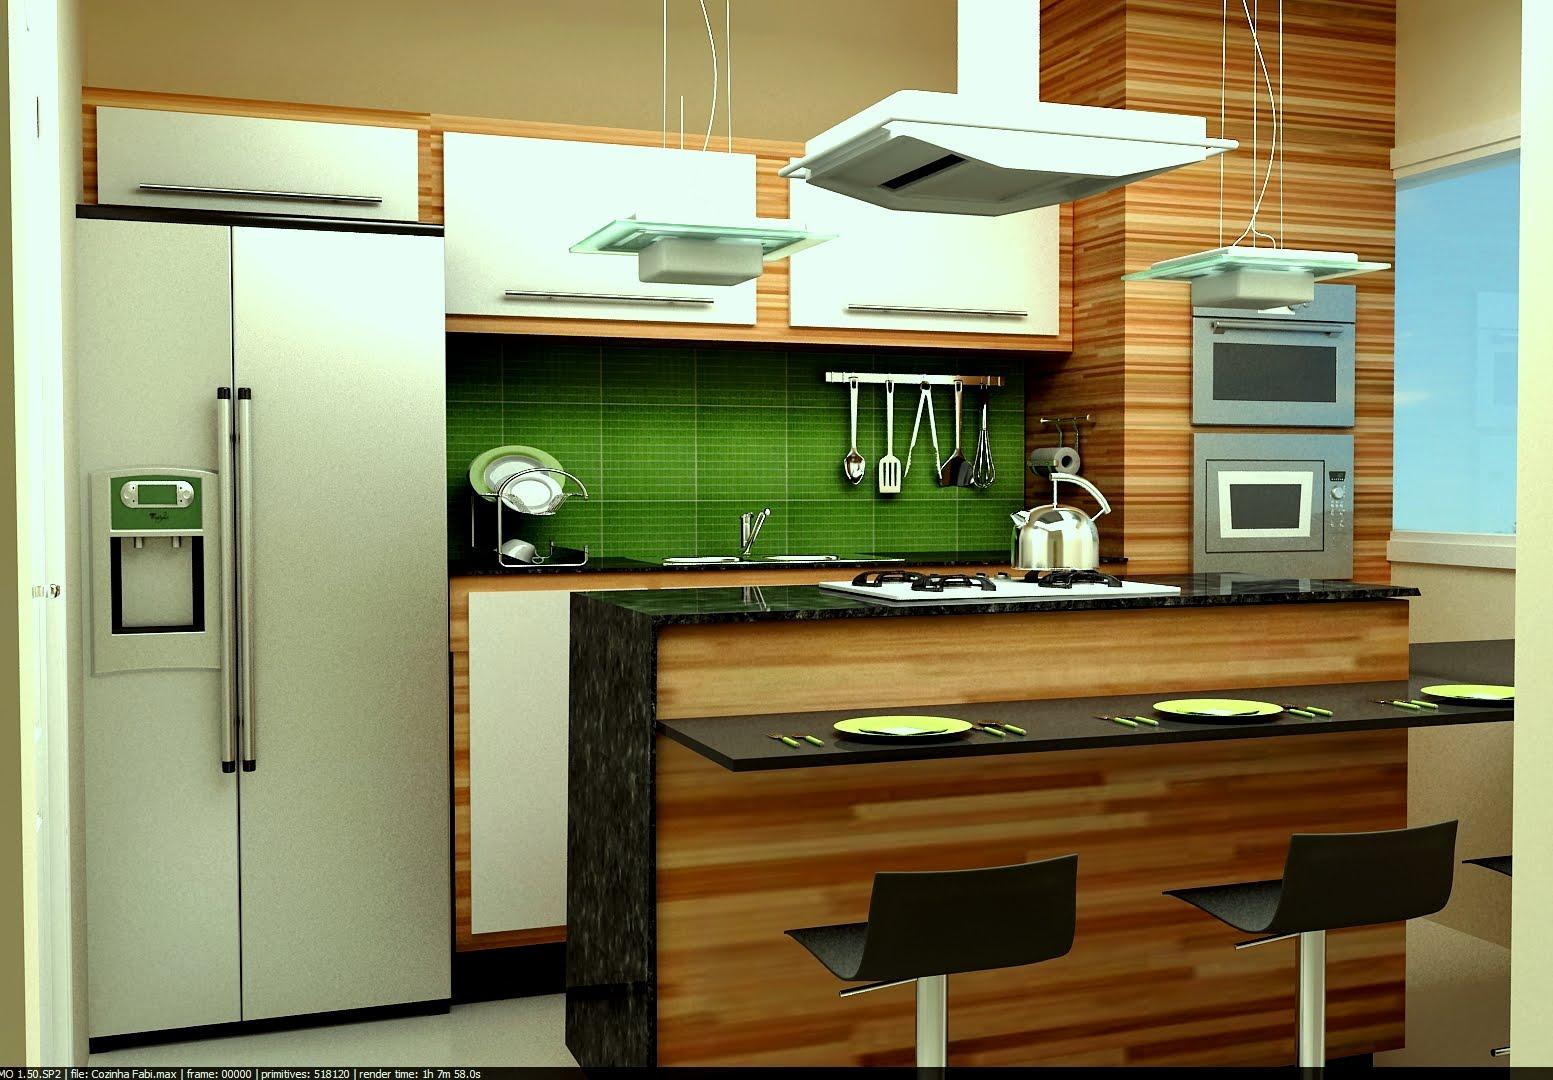 Aviz Design De Interiores Cozinha Projetada No Studio Max